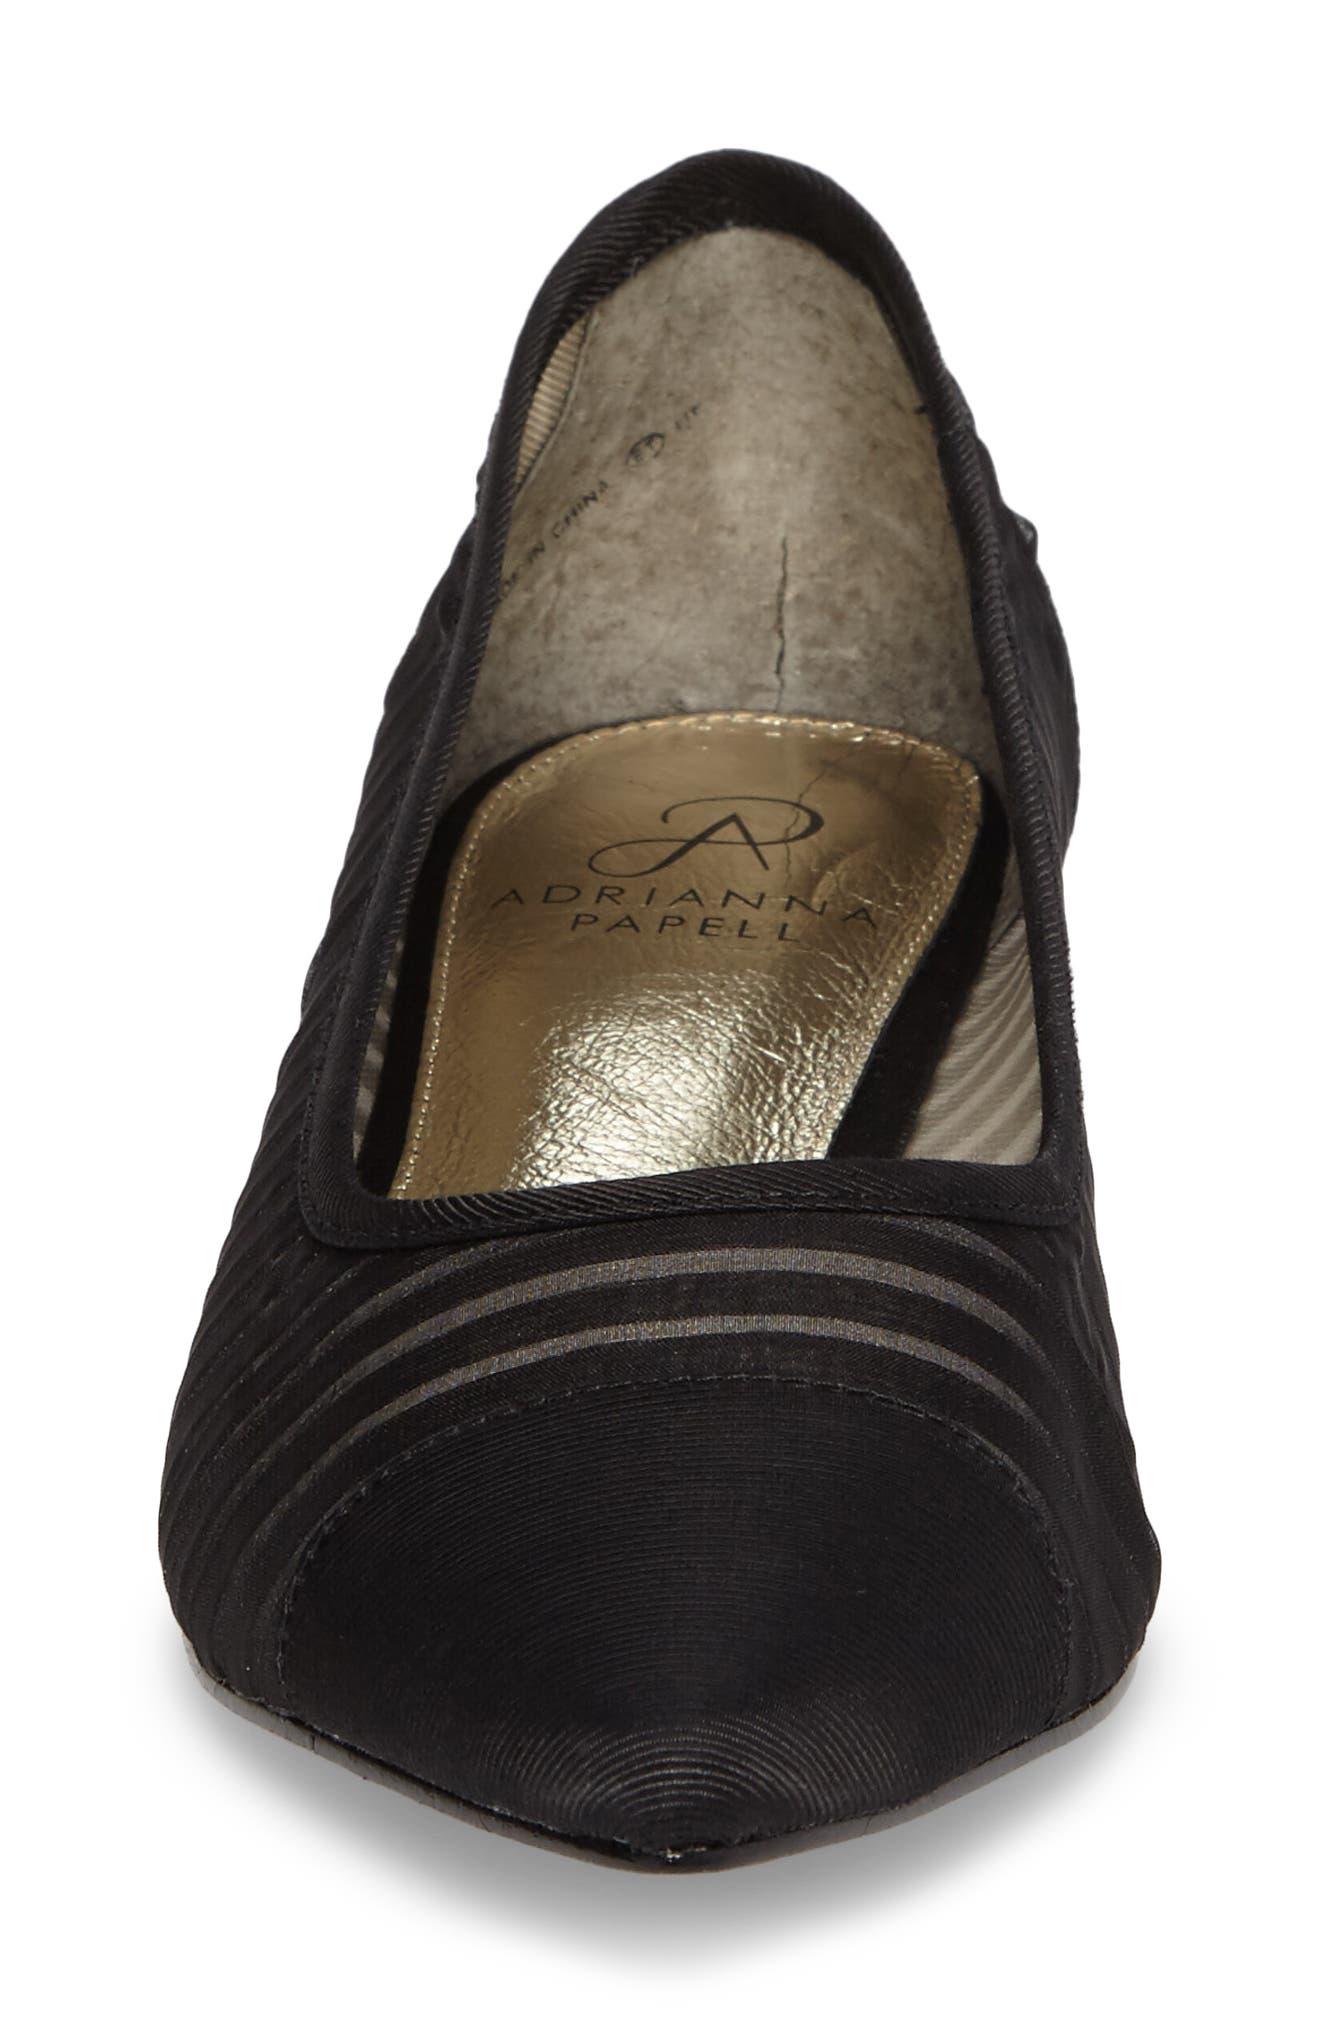 Tiffany Pointy Toe Flat,                             Alternate thumbnail 4, color,                             001